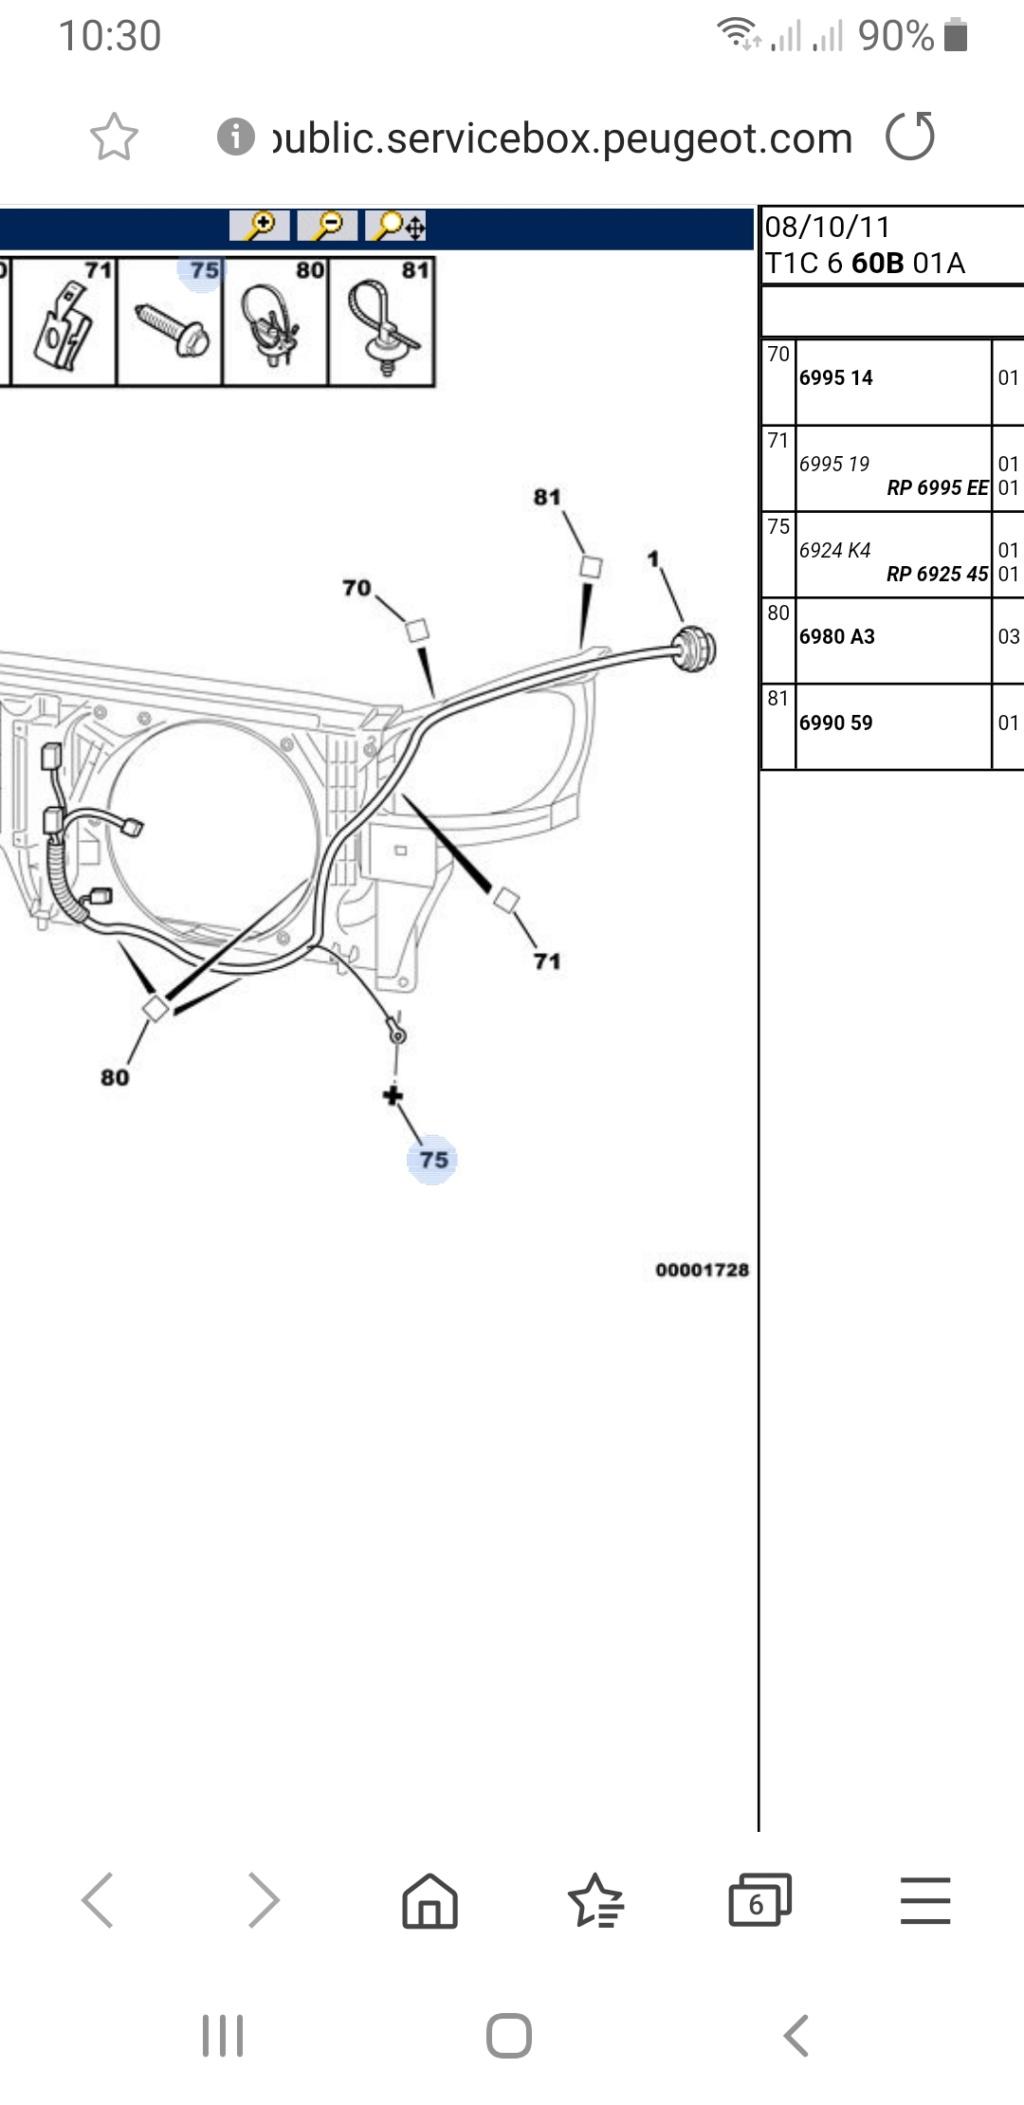 Température moteur 2.0L (EW10J4) - Page 4 Scree172